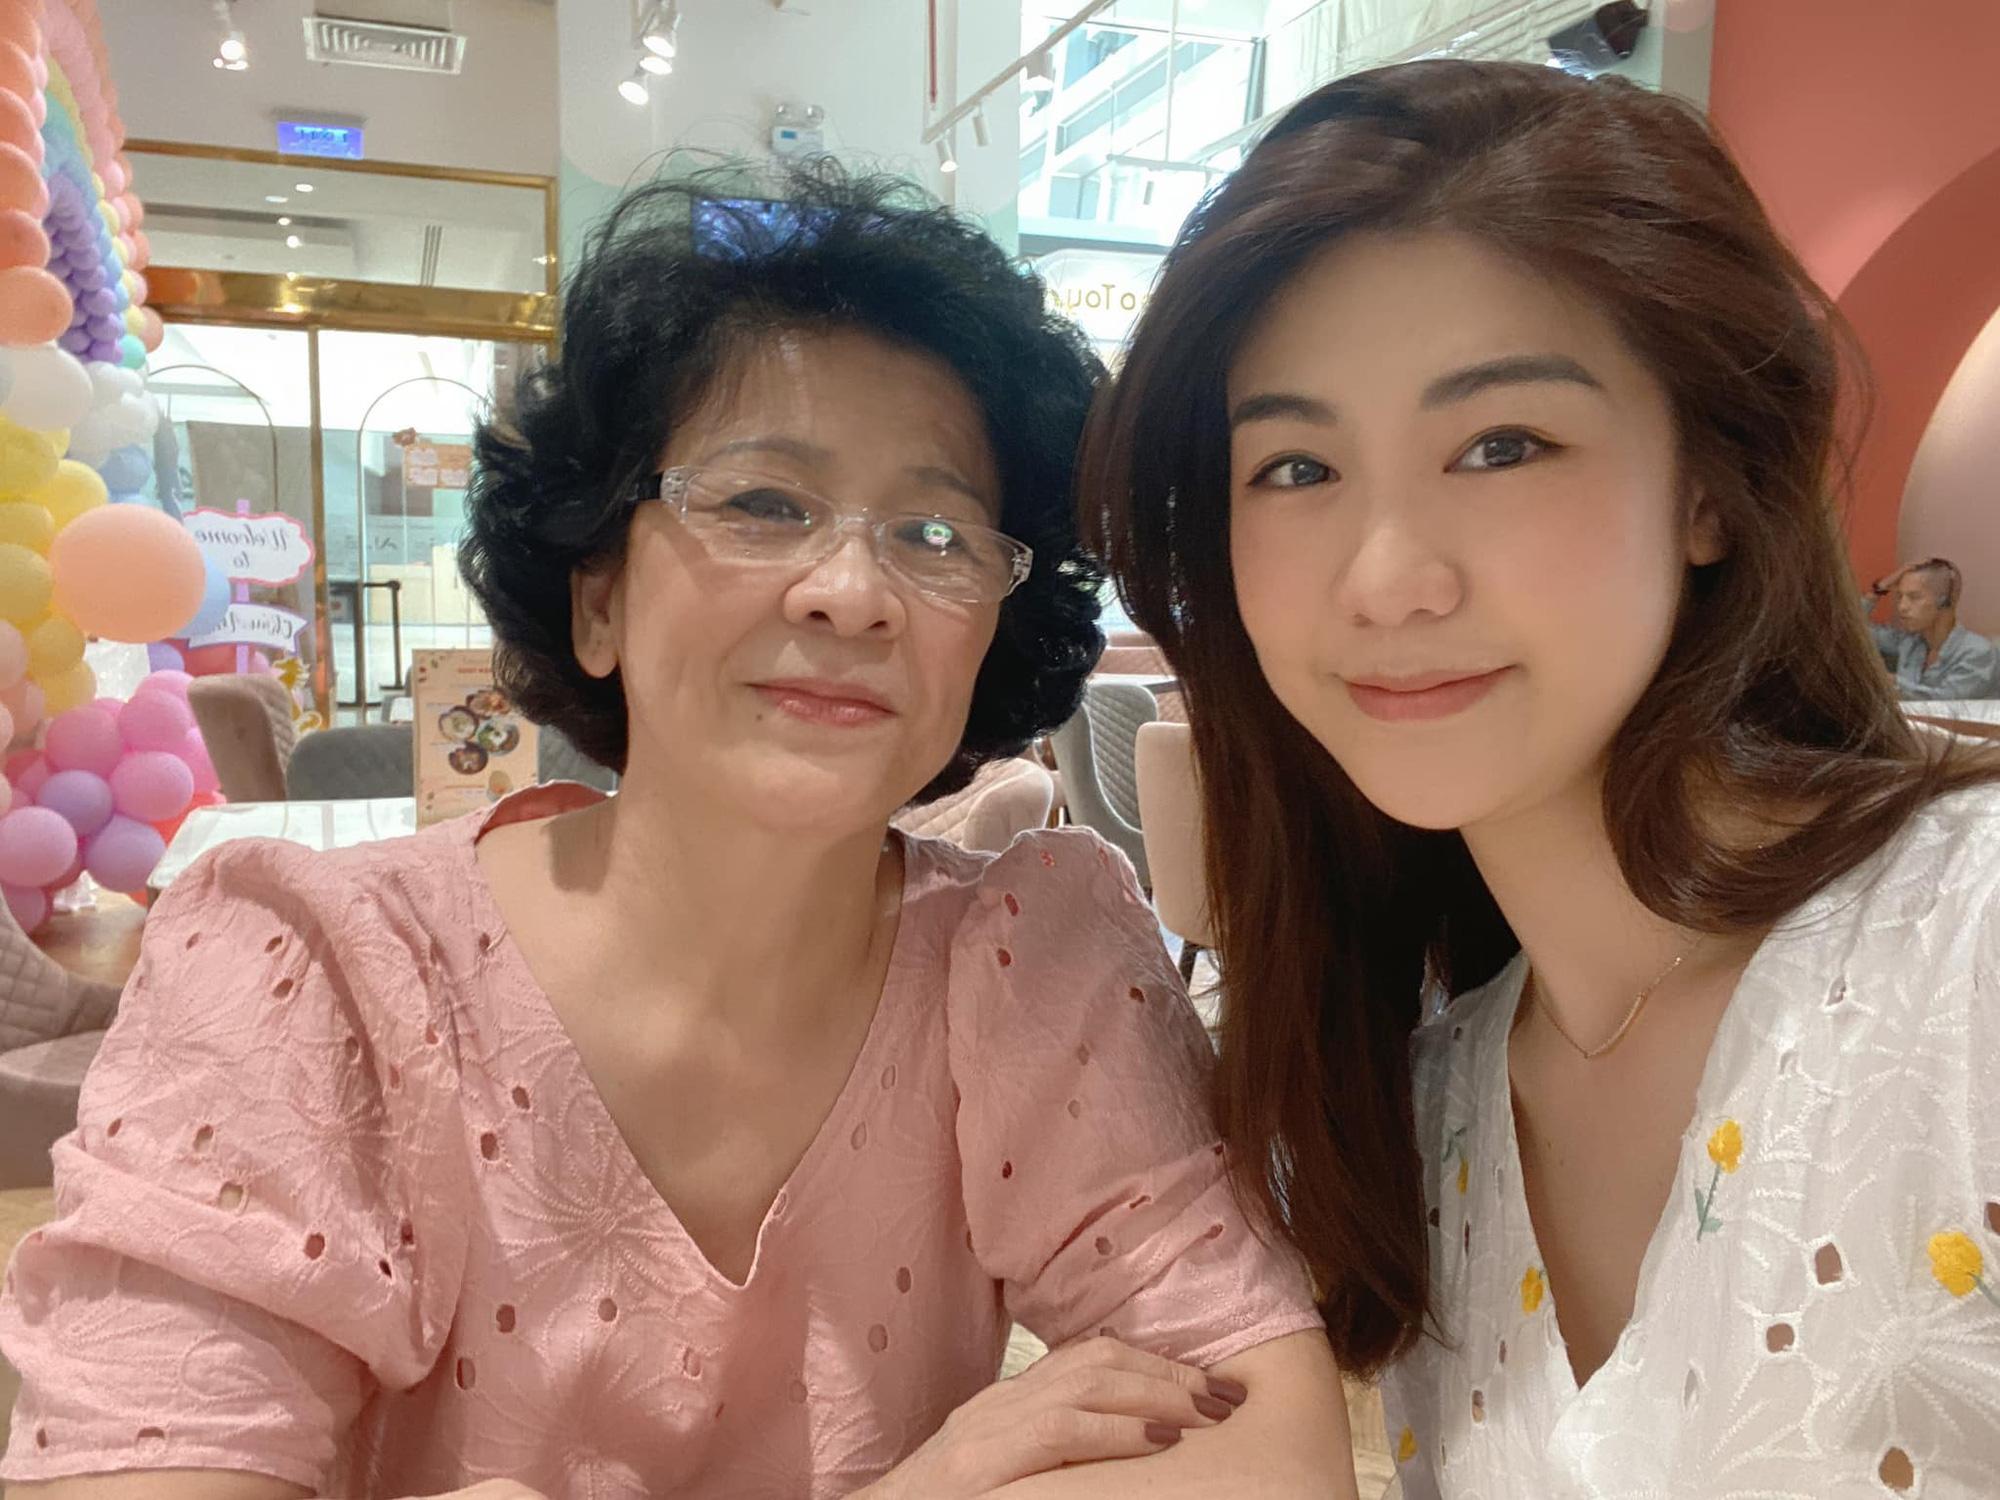 Nữ cơ trưởng Huỳnh Lý Đông Phương đón tuổi 33 giản dị bên bạn bè người thân, nhan sắc ăn gian tuổi khiến chị em ghen tị vô cùng-4